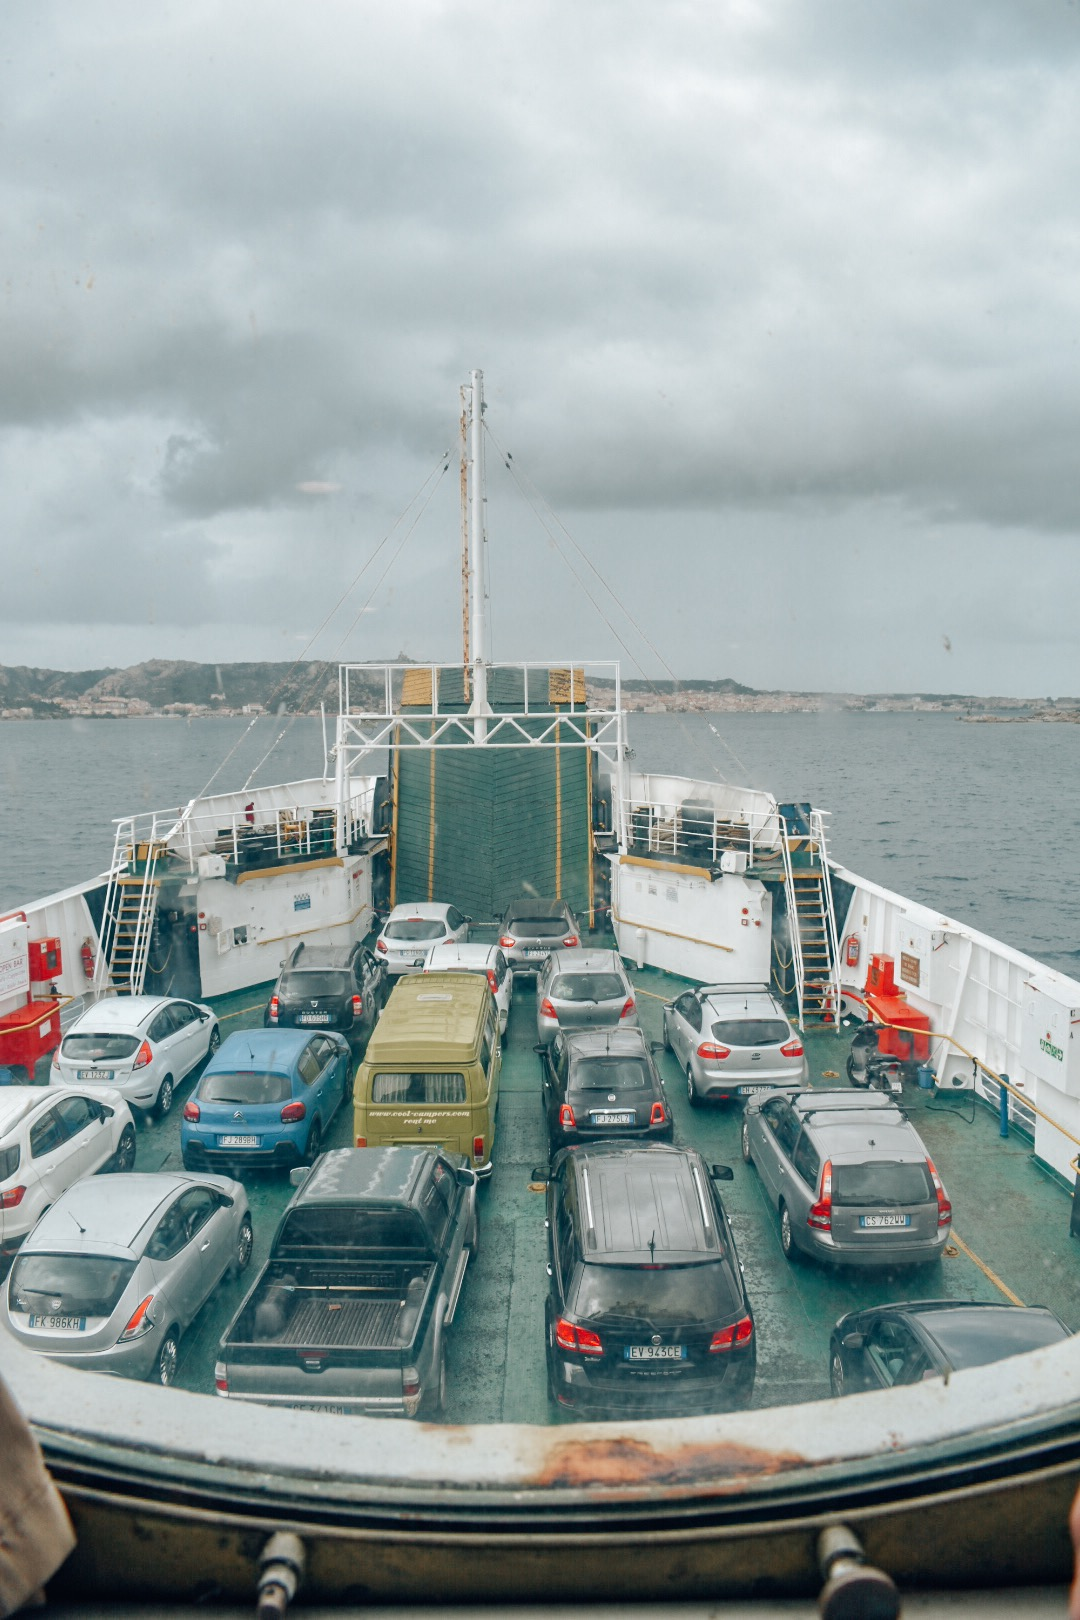 Ferry ride to La Maddalena